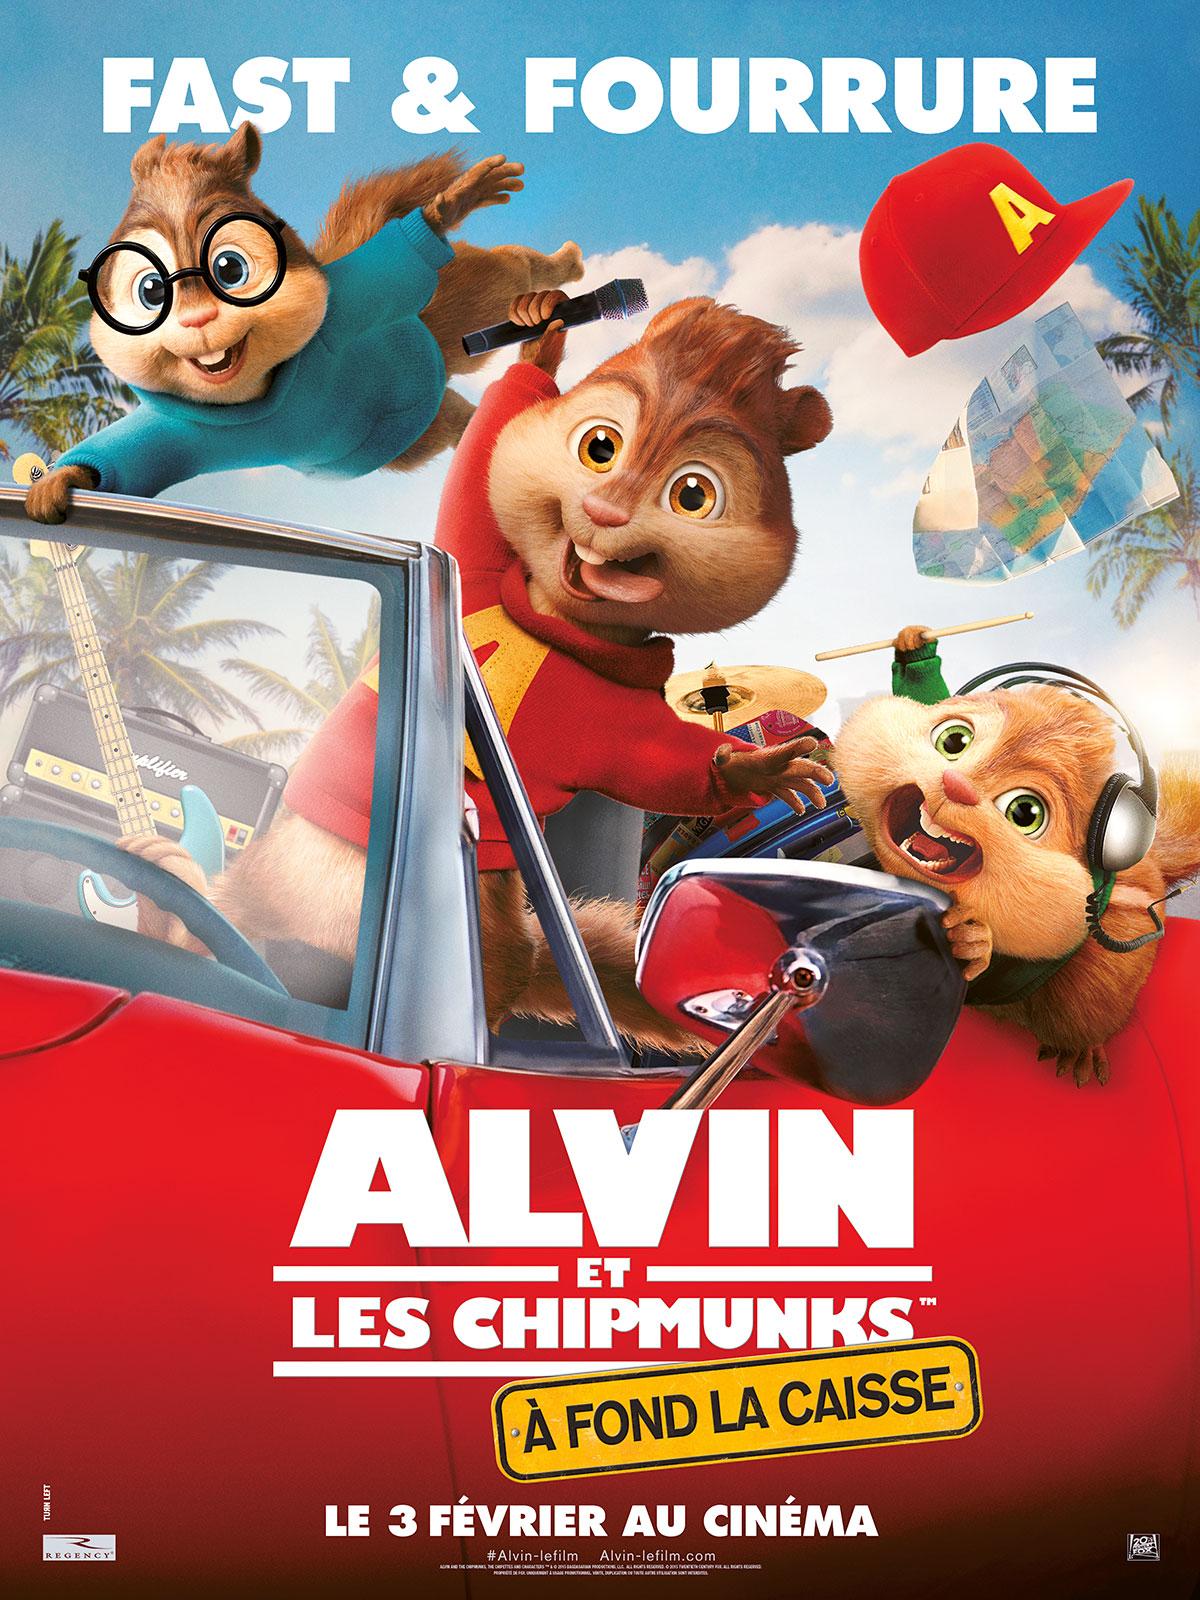 alvin et les chipmunks 4 fond la caisse la critique du film. Black Bedroom Furniture Sets. Home Design Ideas